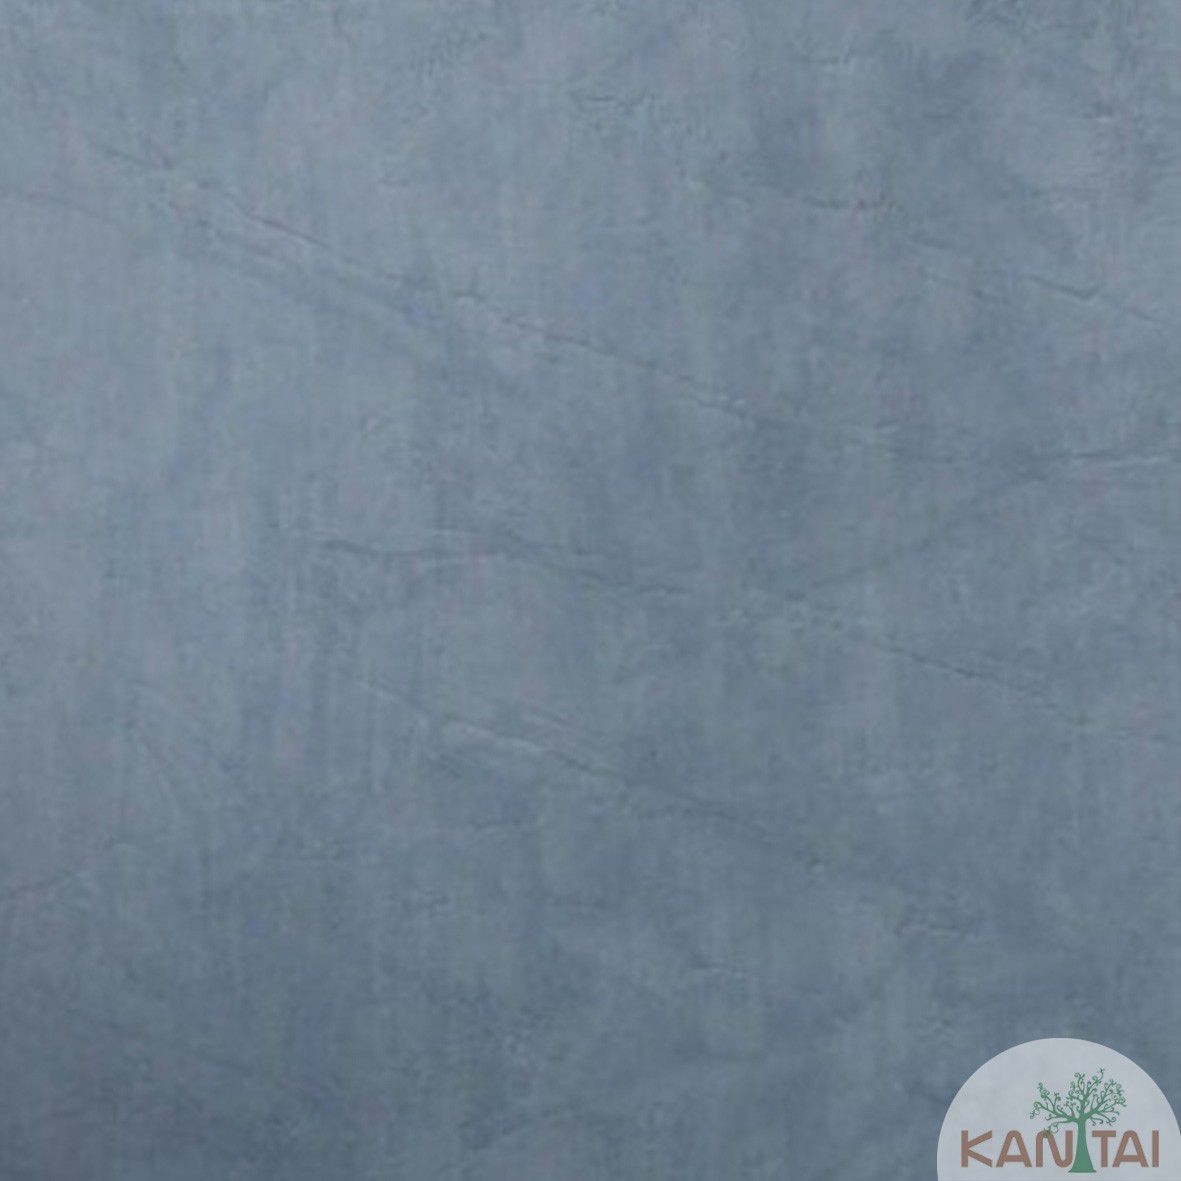 Papel de Parede  Kan Tai Vinilico Coleção Style Cimento Queimado Azul